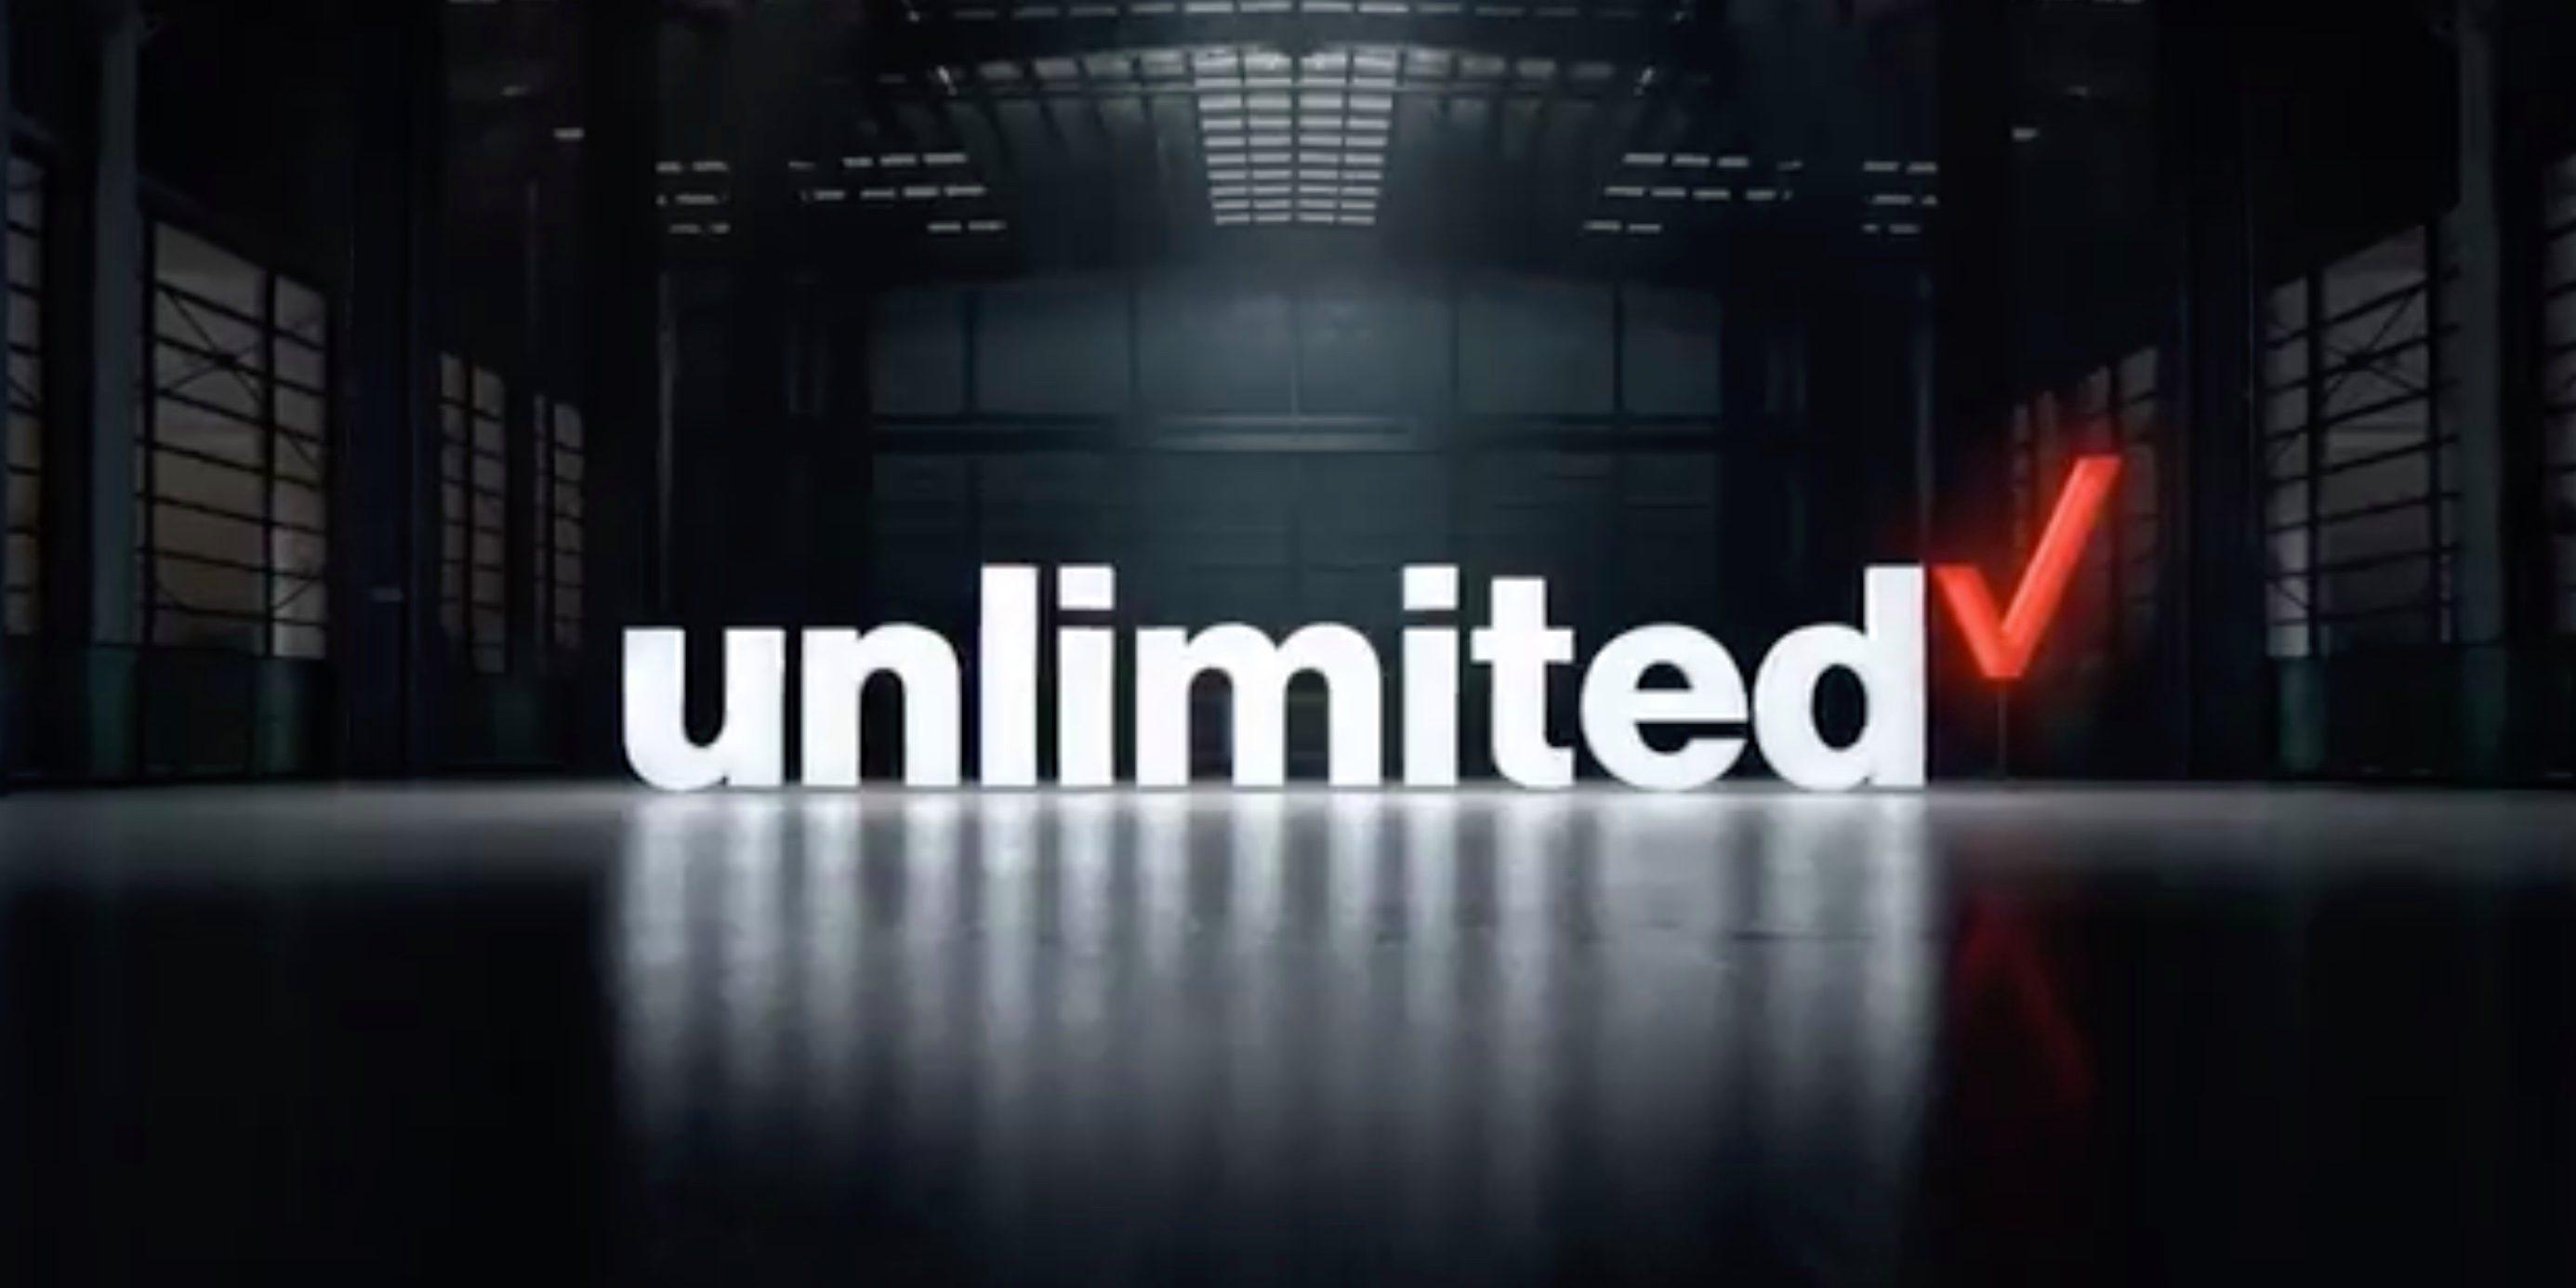 """<span href=""""https://9to5mac.com/2017/02/12/verizon-introduces-new-unlimited-data-plan-80mo-for-unlimited-4g-data-texts-and-talk-time/"""">Verizon introduce un nuevo plan de datos ilimitado, $80/mes para 'ilimitado' 4G de datos, textos y tiempo de conversación</a>"""